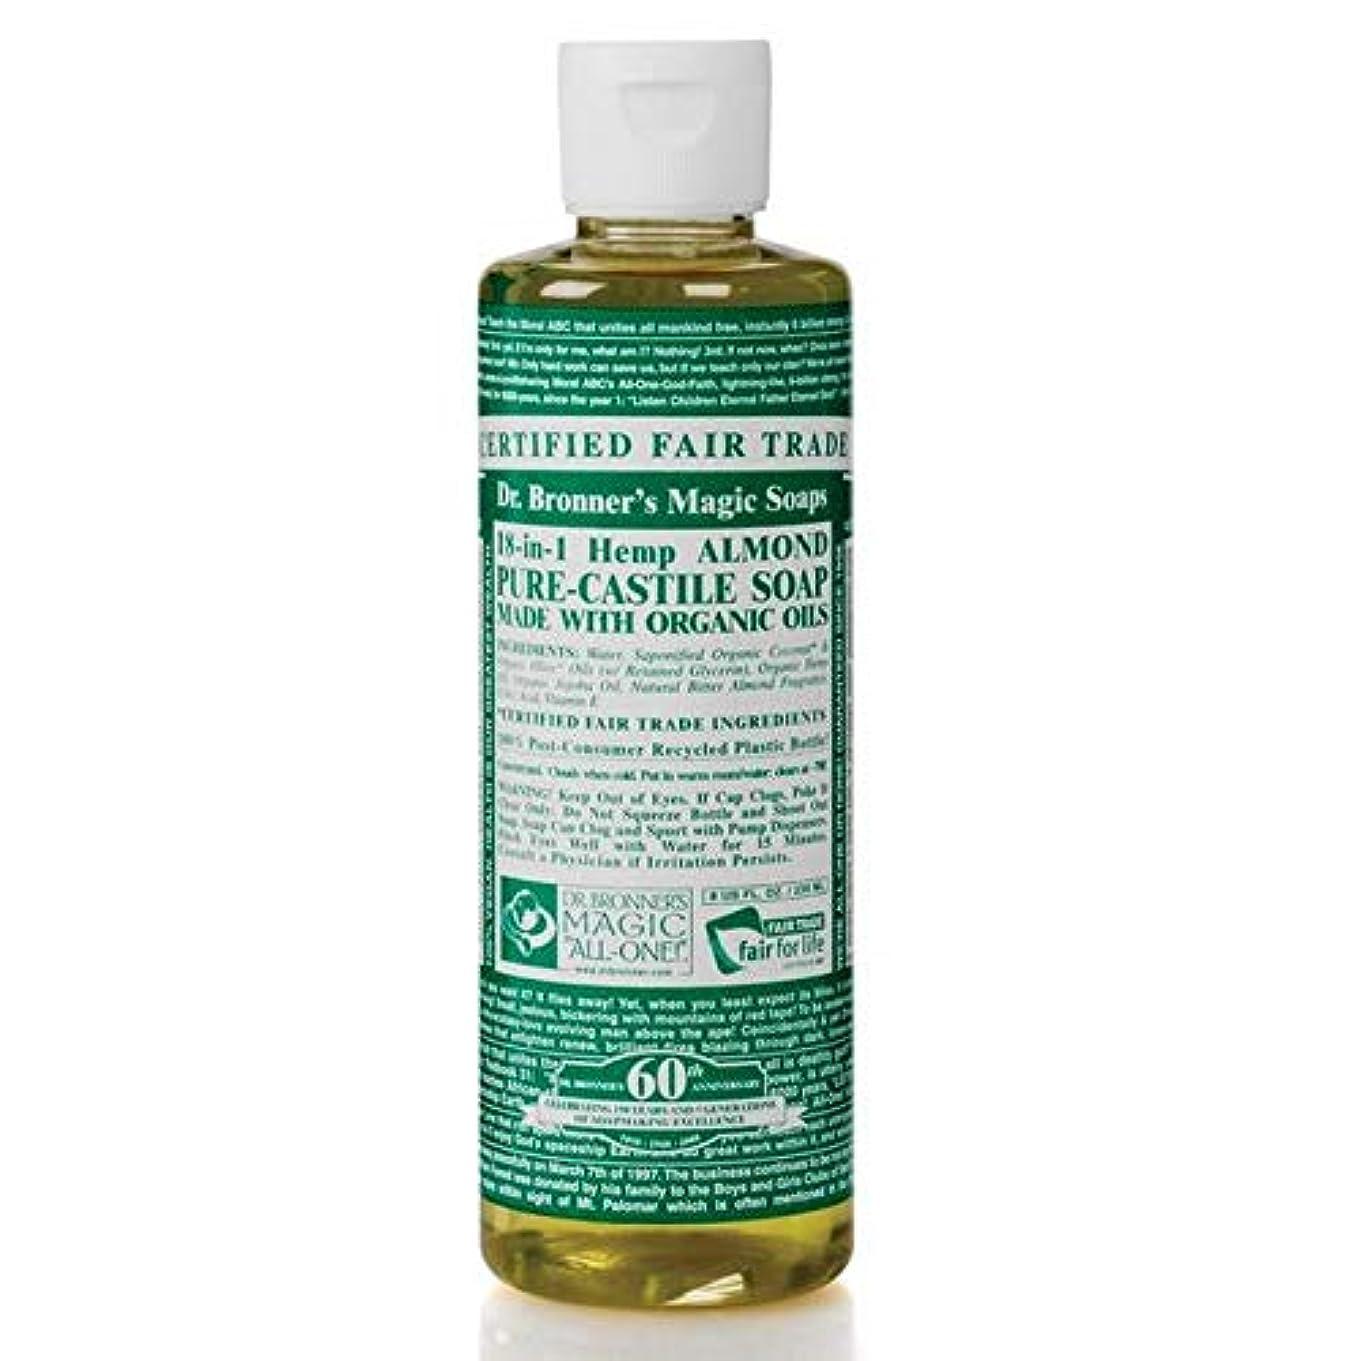 れる暖炉従順[Dr Bronner] Dr。ブロナーズ有機アーモンドカスティーリャ液体石鹸473ミリリットル - Dr. Bronner's Organic Almond Castile Liquid Soap 473ml [並行輸入品]